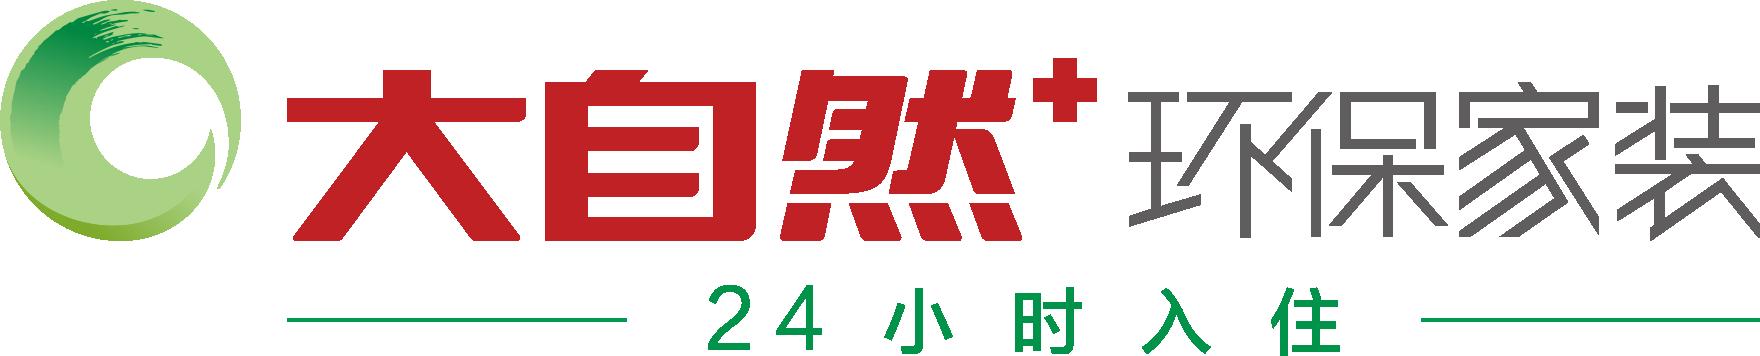 大自然家居(中国)有限公司